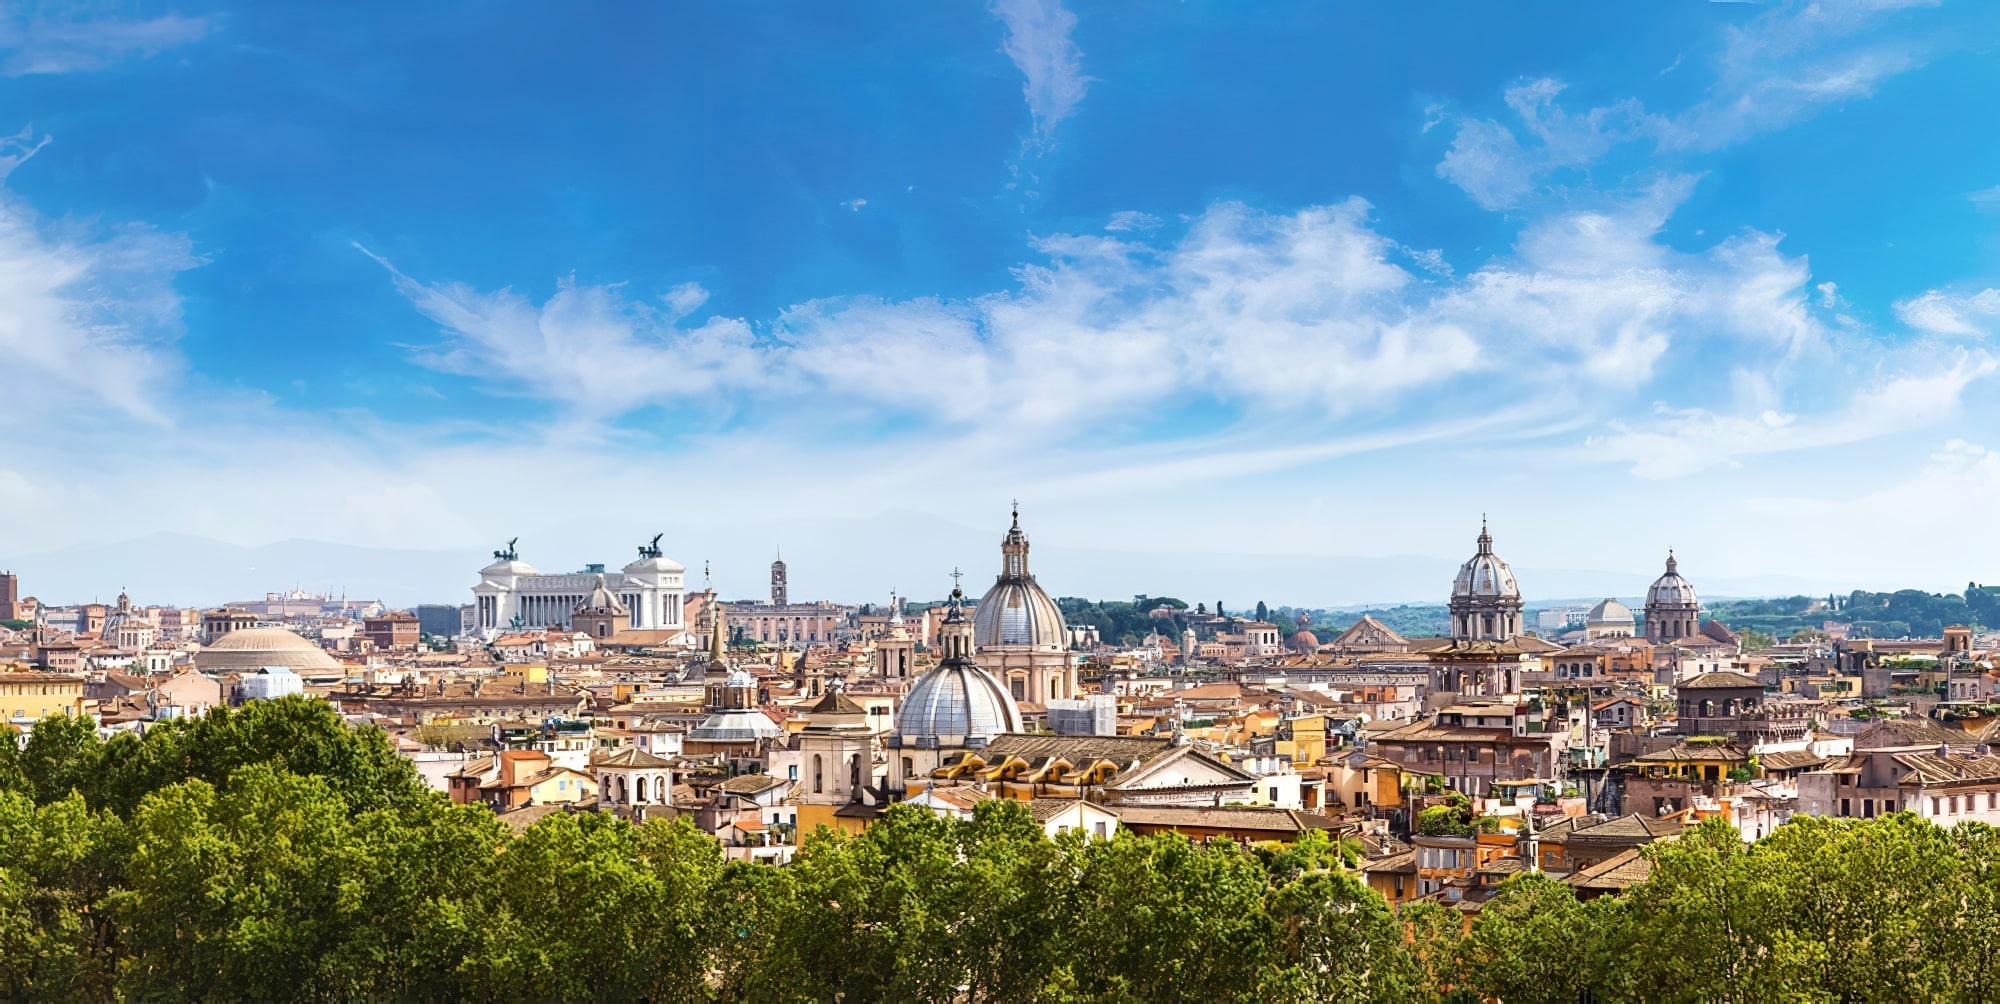 Vue panoramique sur Rome